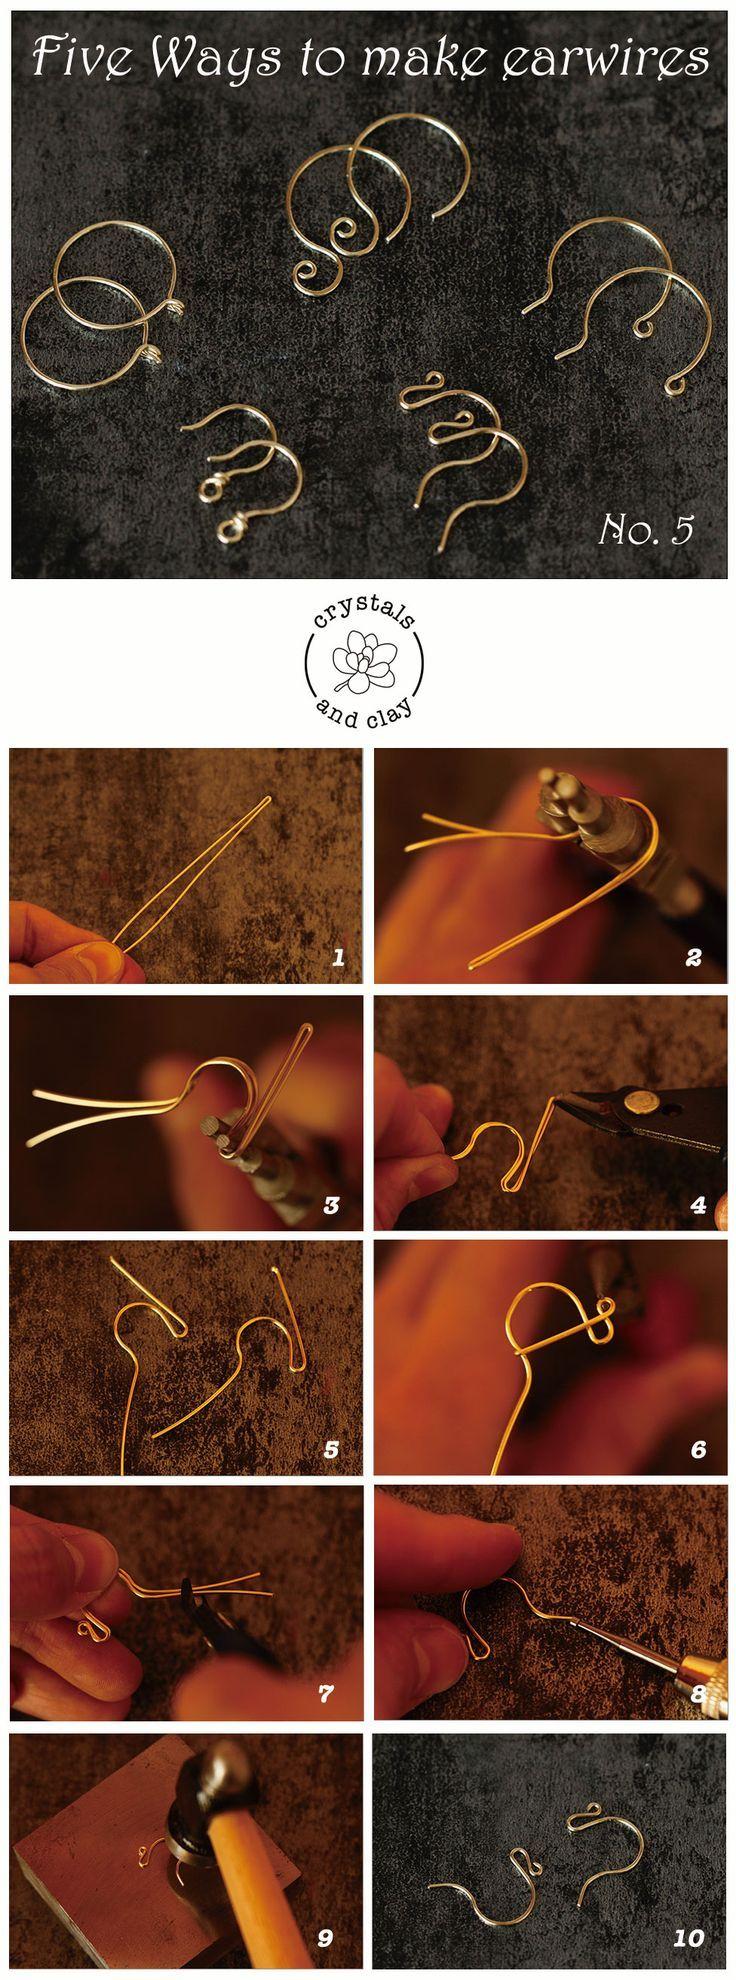 DIY-Tutorial zur Schmuckherstellung – wie man Ohrhaken auf fünf Arten herstellt. Grundlegende W … – Diyprojectgardens.club